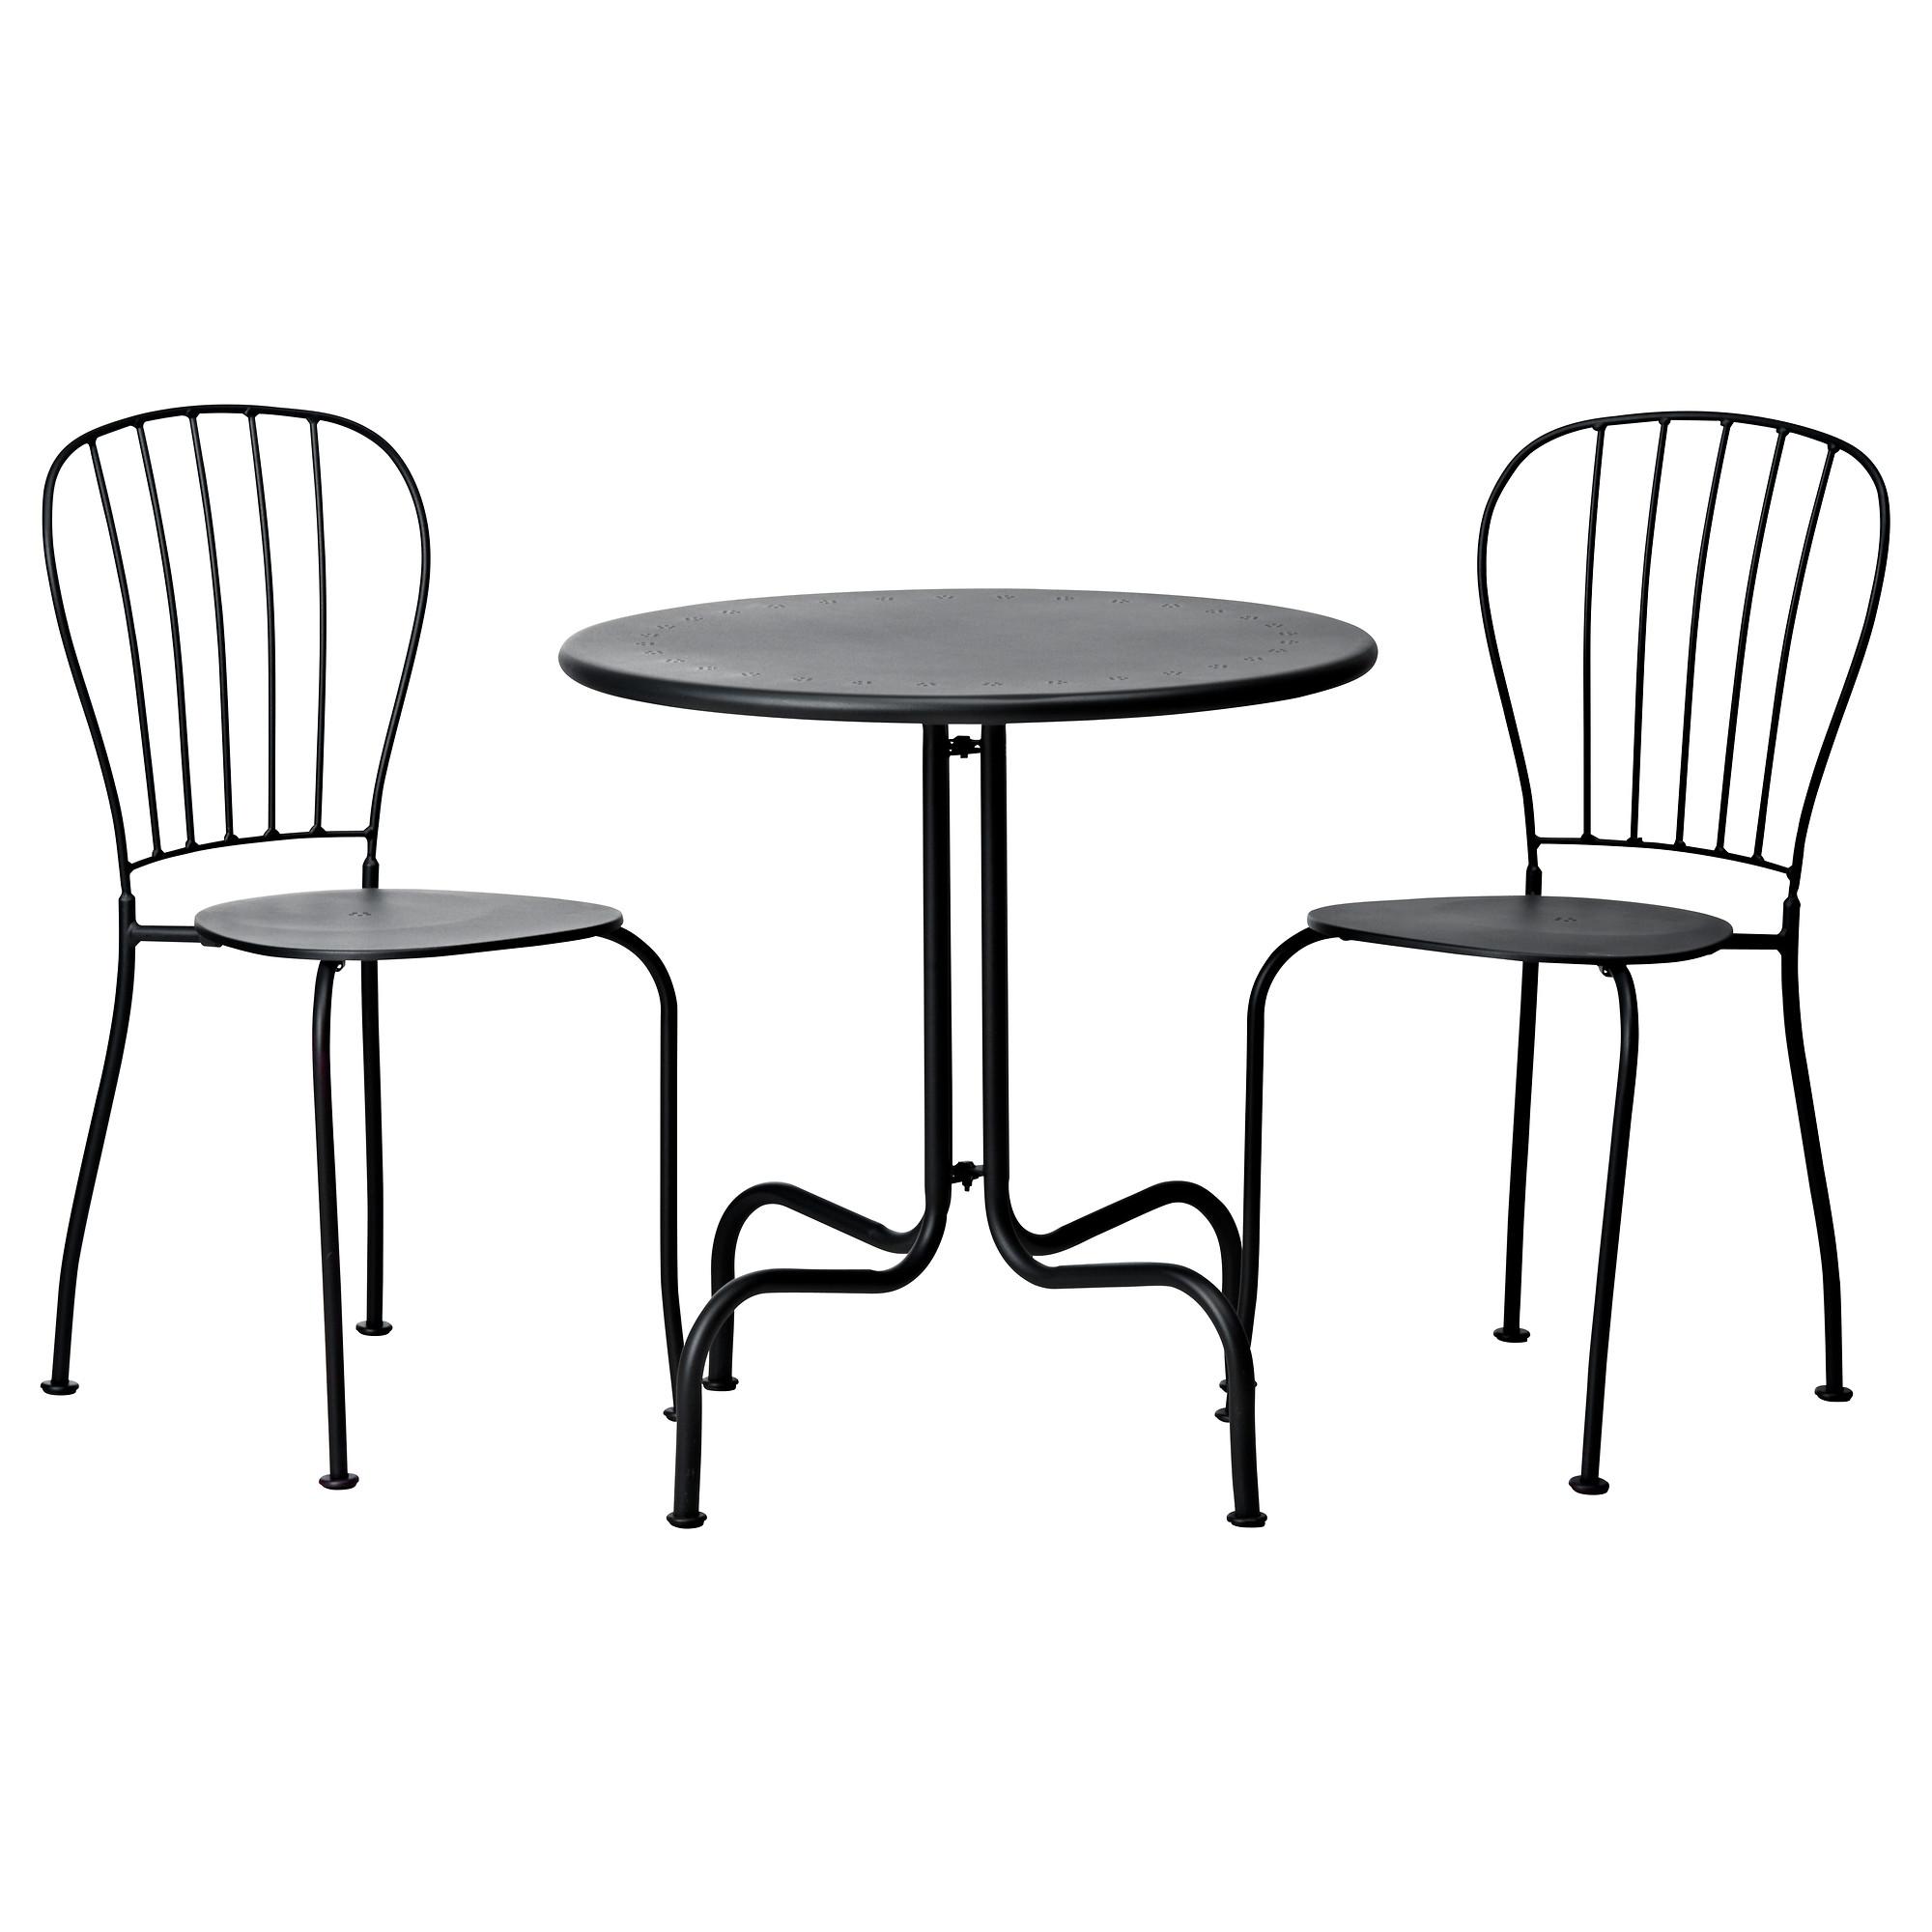 Ikea bistro set homesfeed dark steel of ikea bistro set watchthetrailerfo